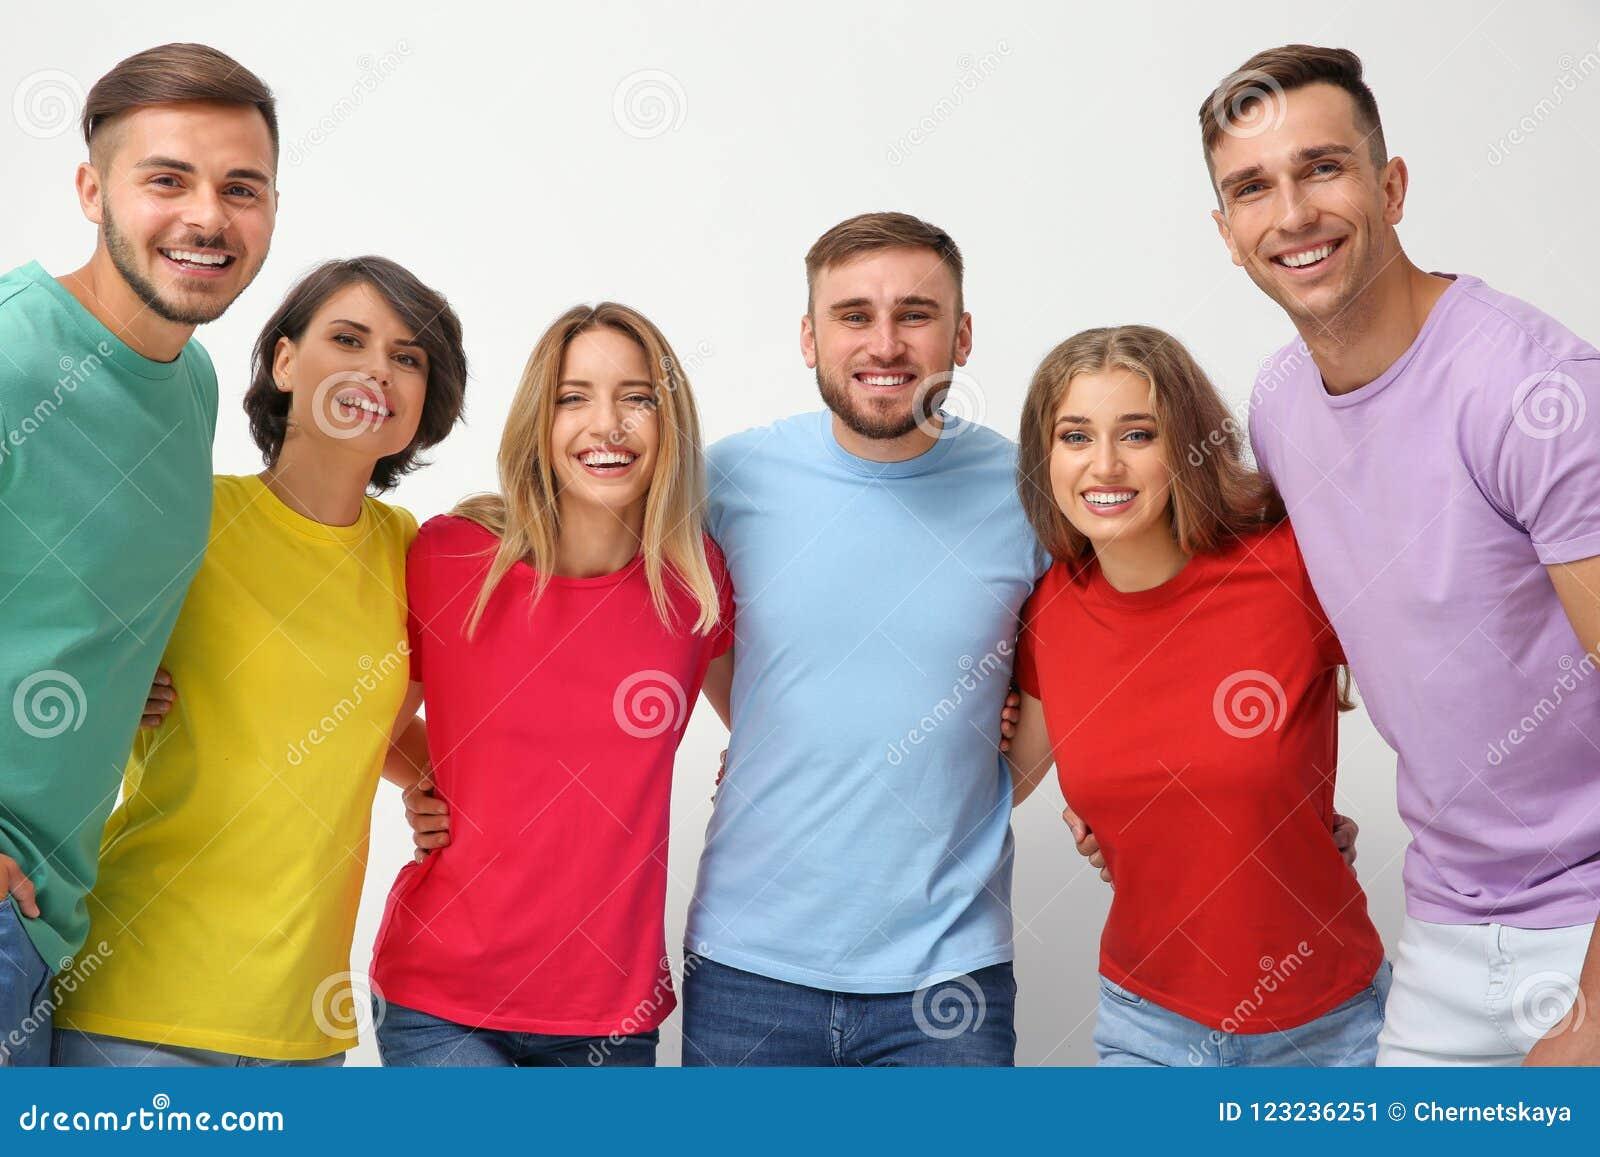 Gruppo di giovani che si abbracciano